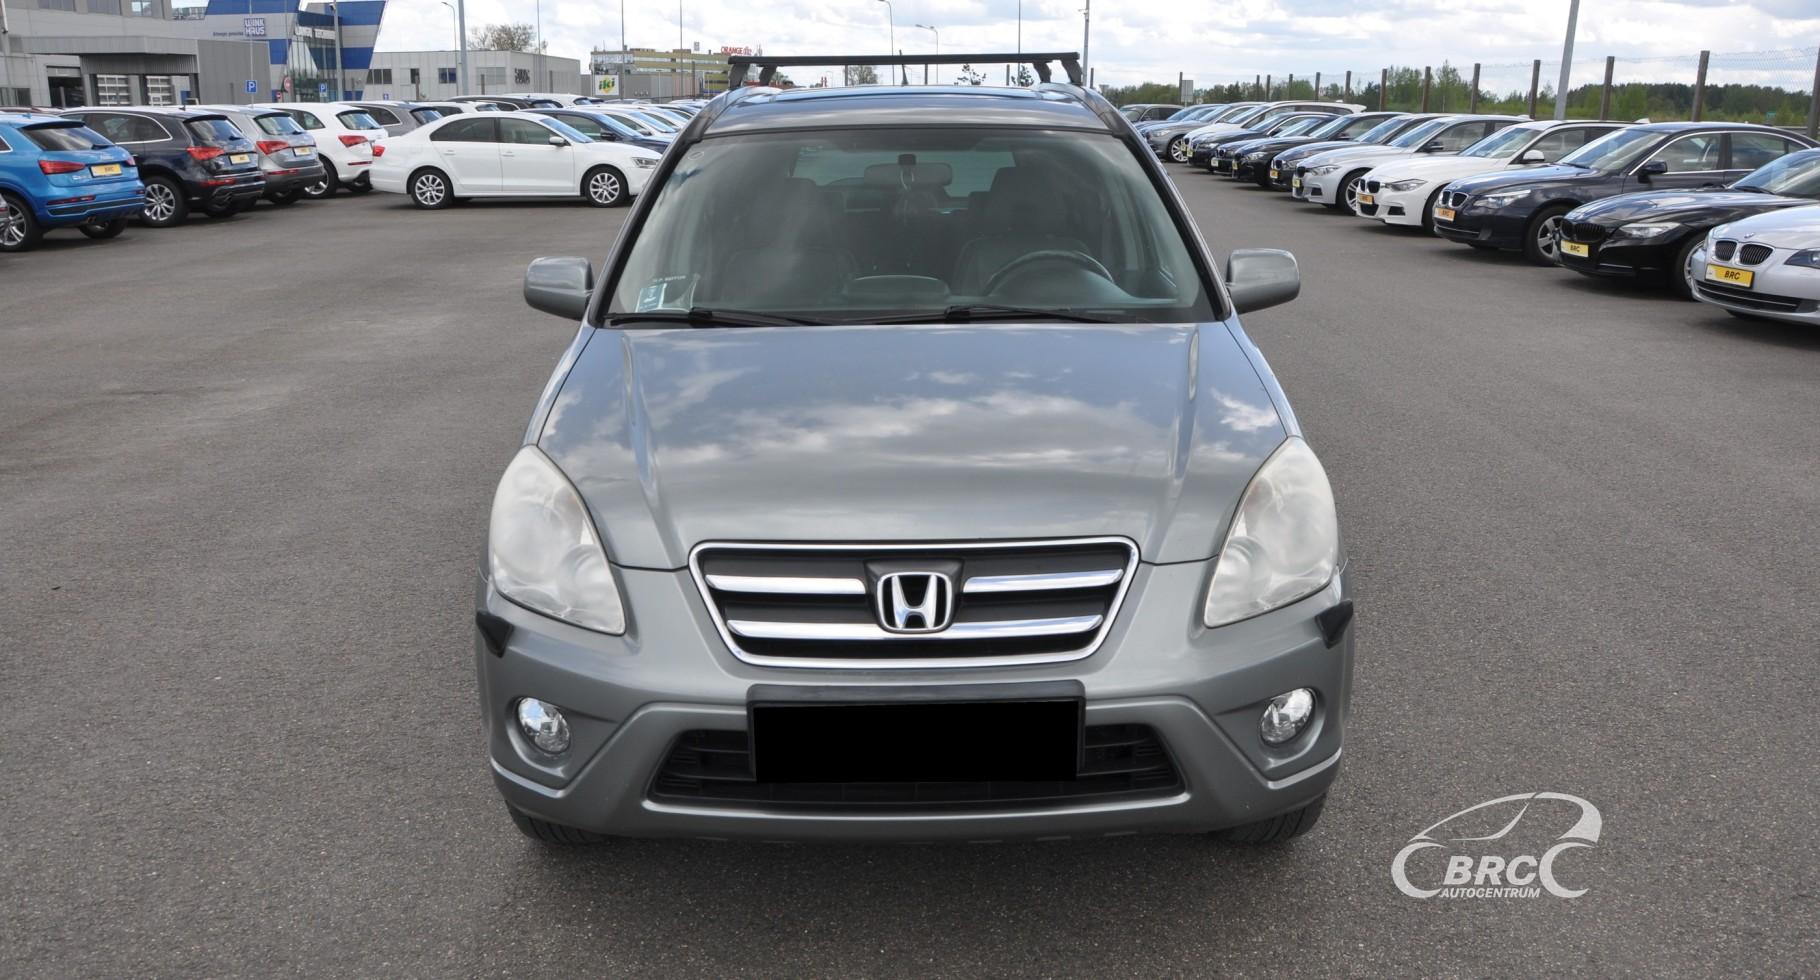 Honda CR-V 2.0 i-VTEC EX LPG